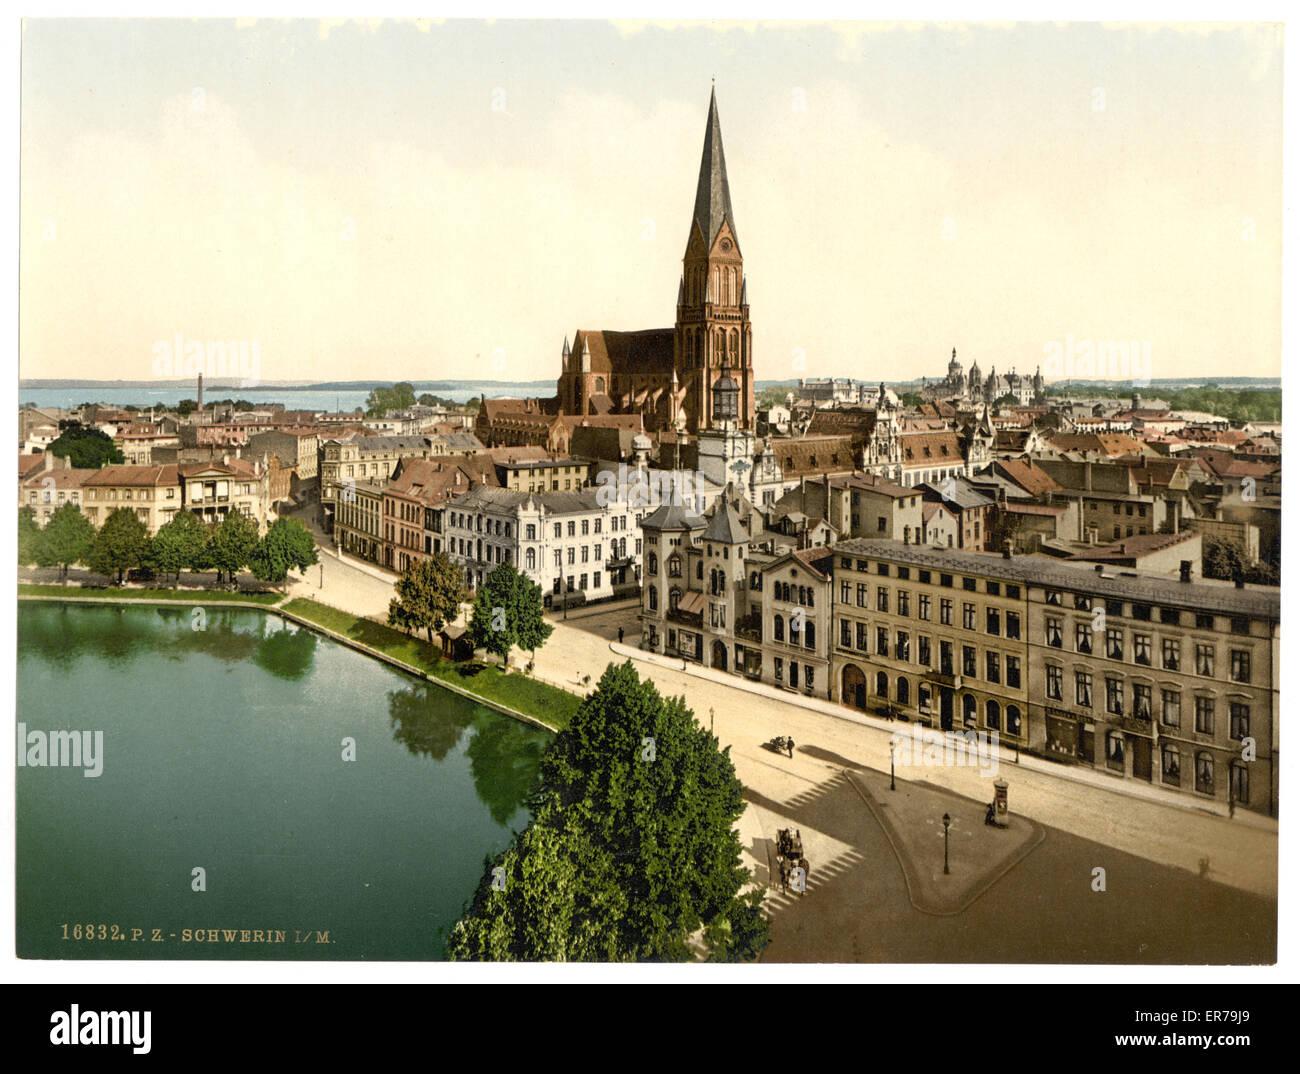 In deinem Alter in Schwerin